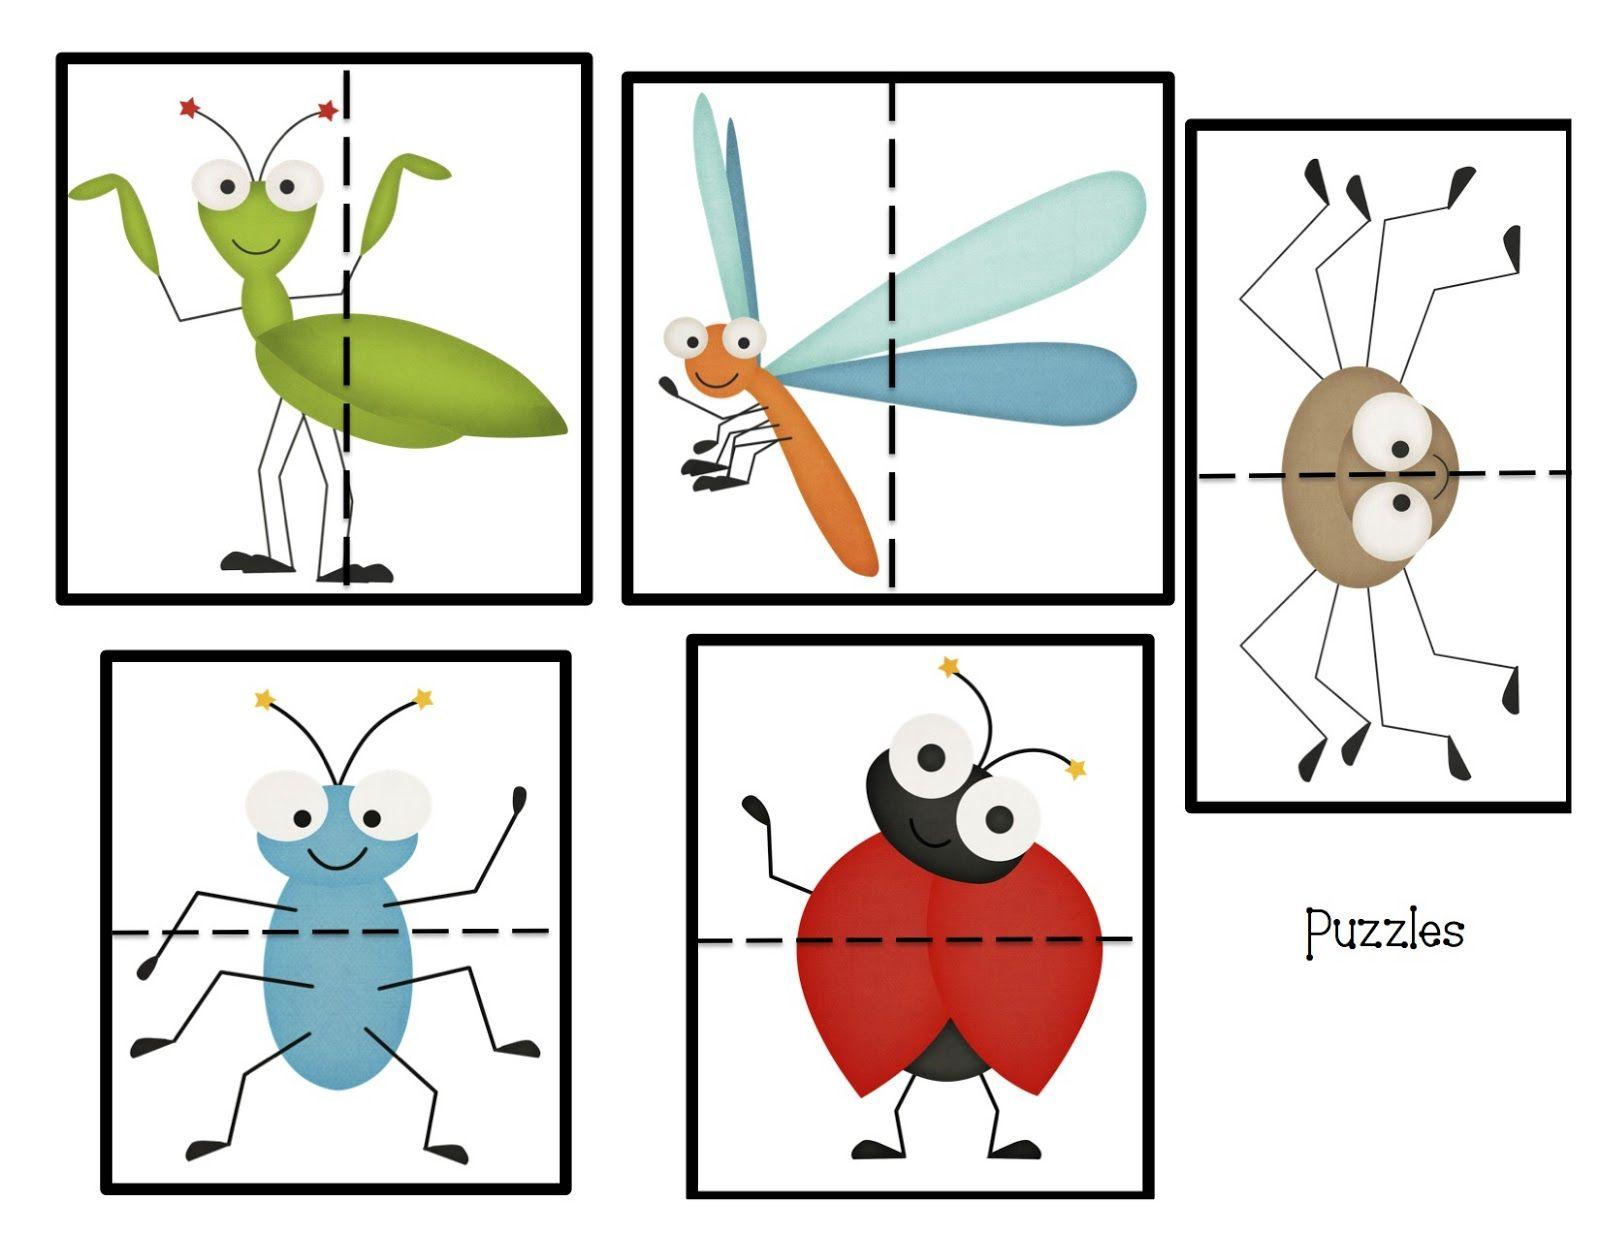 Insectos | Puzzles | Pinterest | Insectos, Bichos y Preescolar